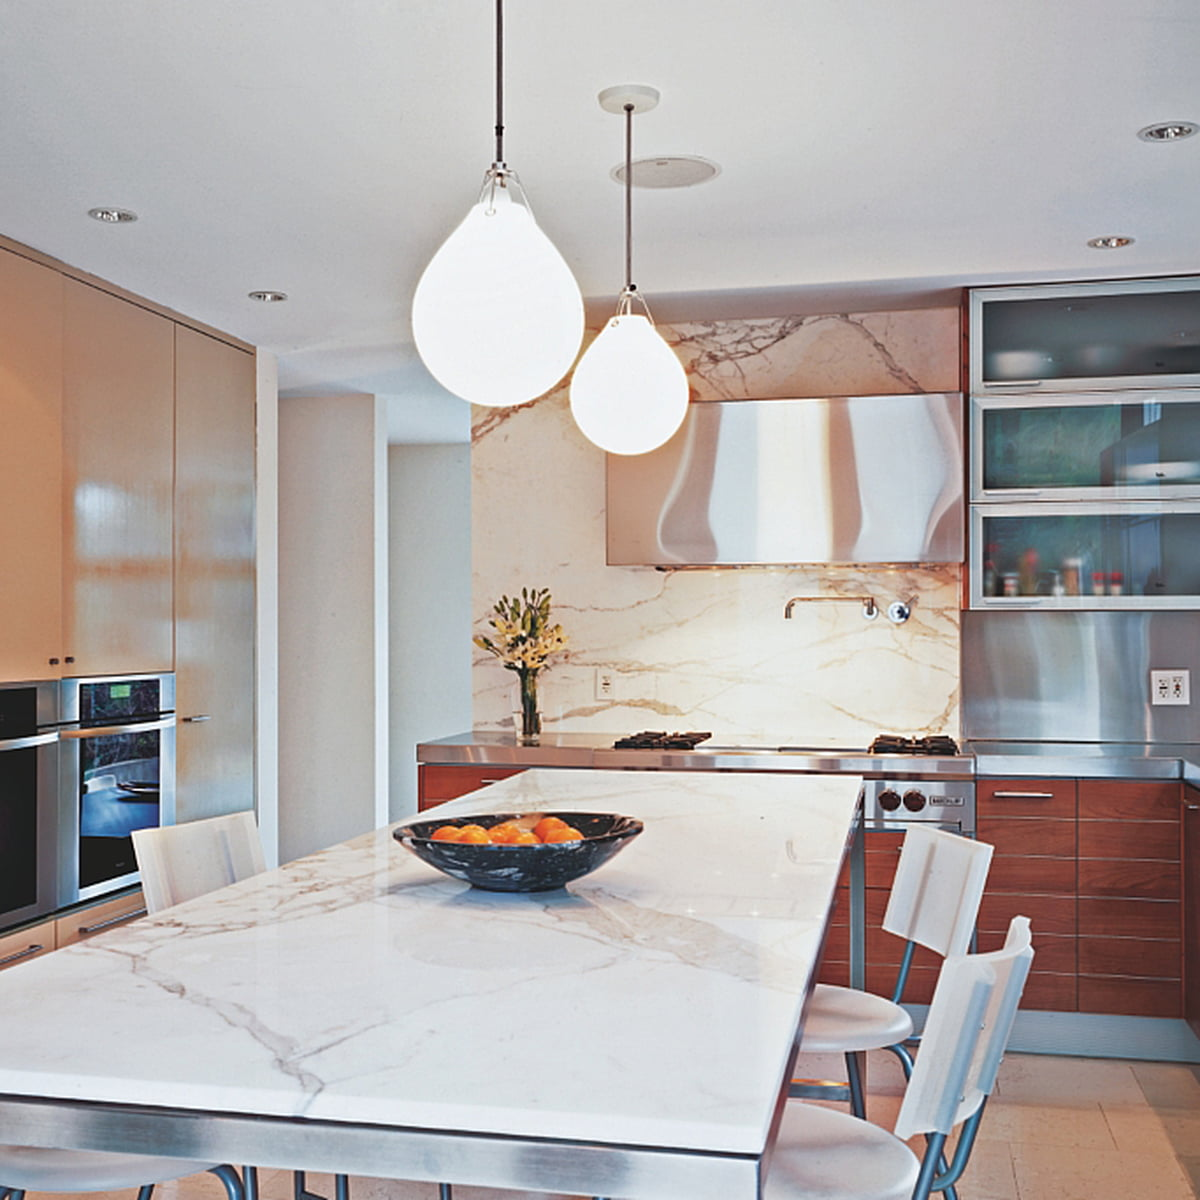 pendelleuchte k che. Black Bedroom Furniture Sets. Home Design Ideas